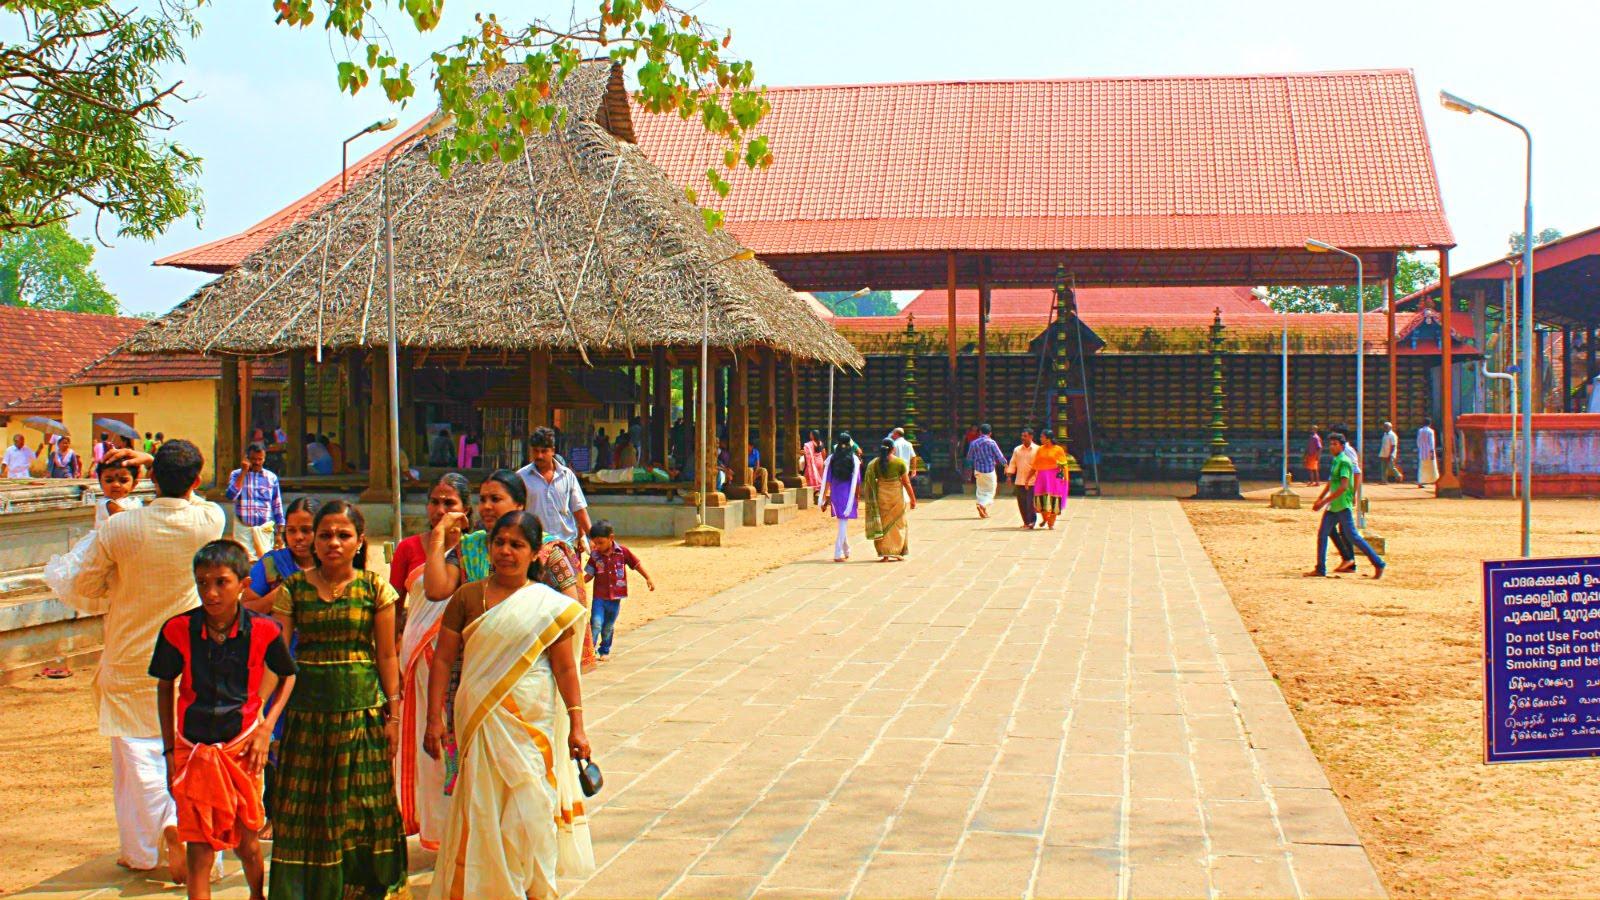 ambalapuzha temple jwelery found ambalappuzha temple palpayasam distribution hindered